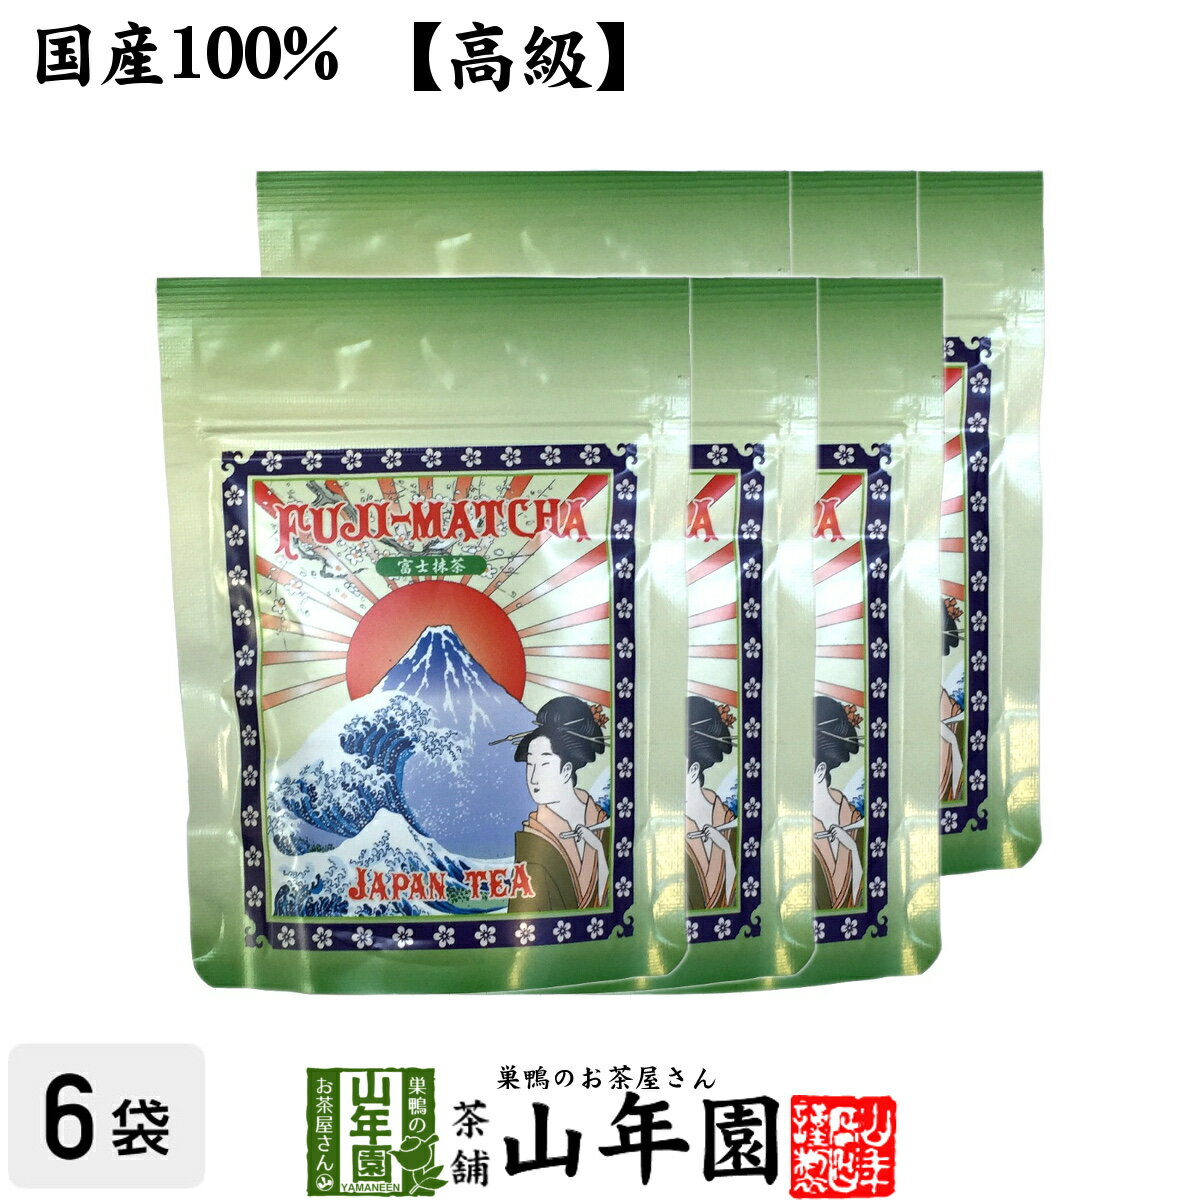 茶葉・ティーバッグ, 日本茶  50g6 2020